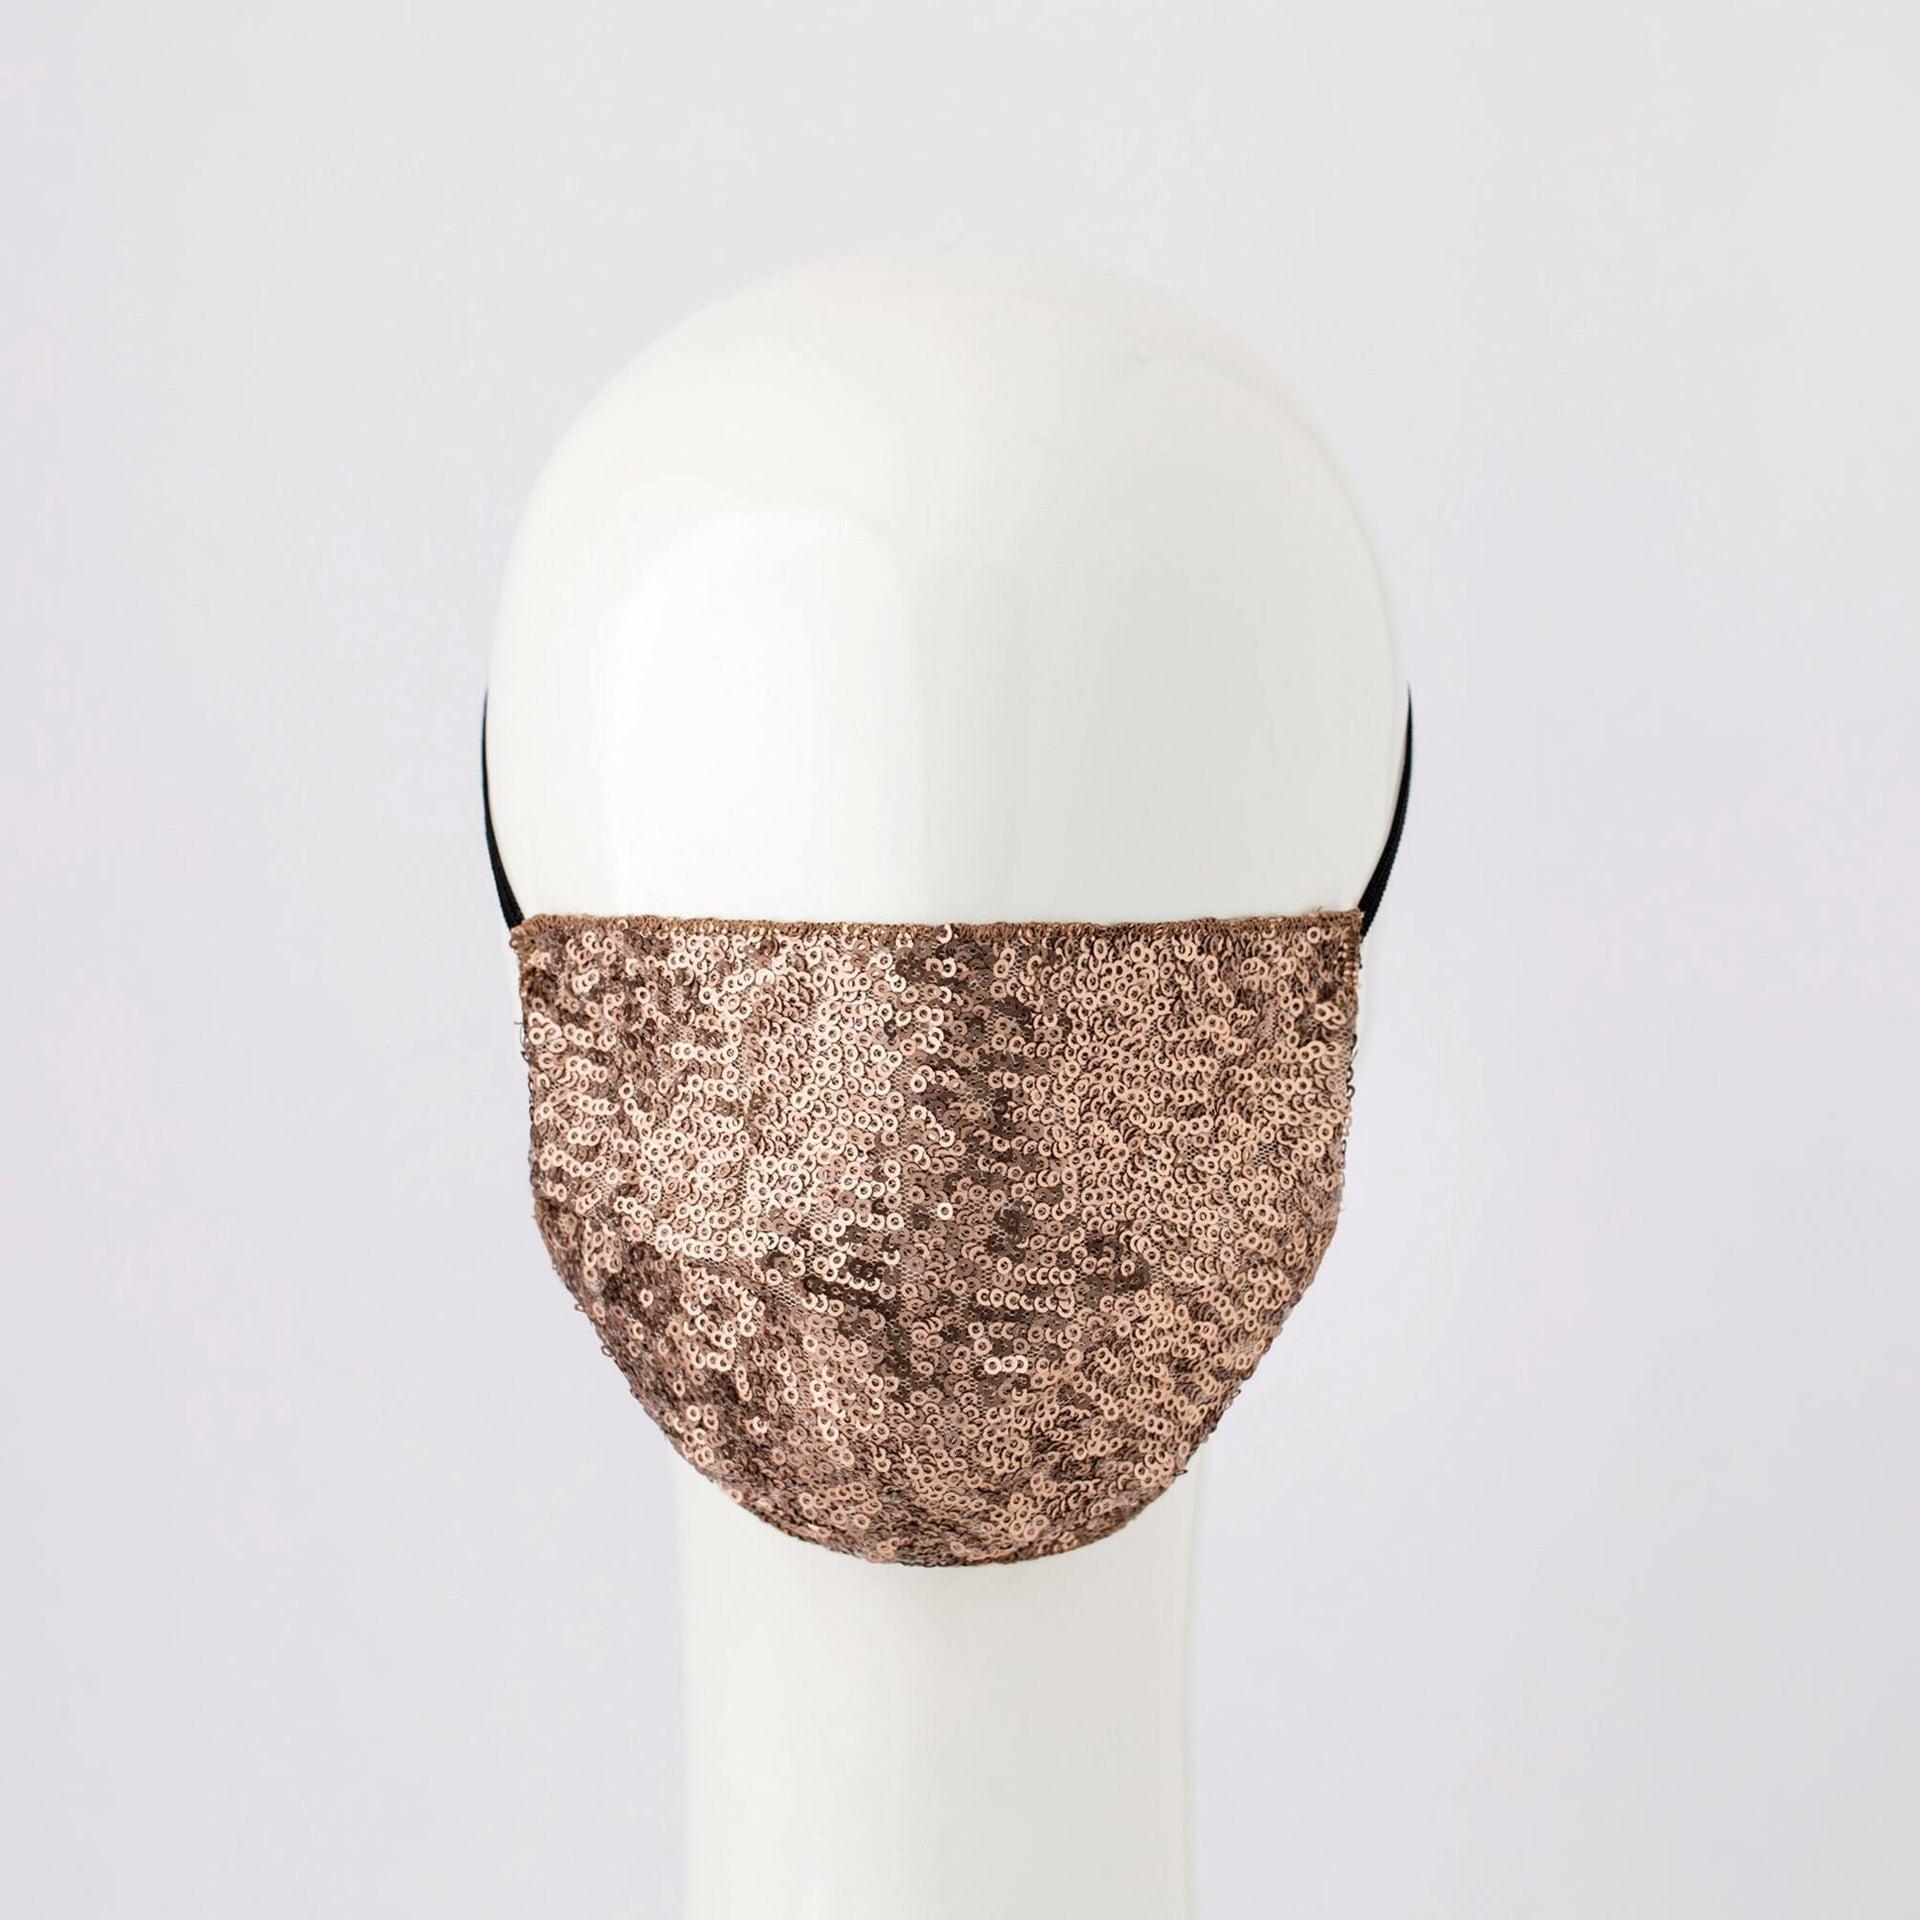 Maschera in tessuto lavabile per utilizzo non sanitario Paillettes - 1